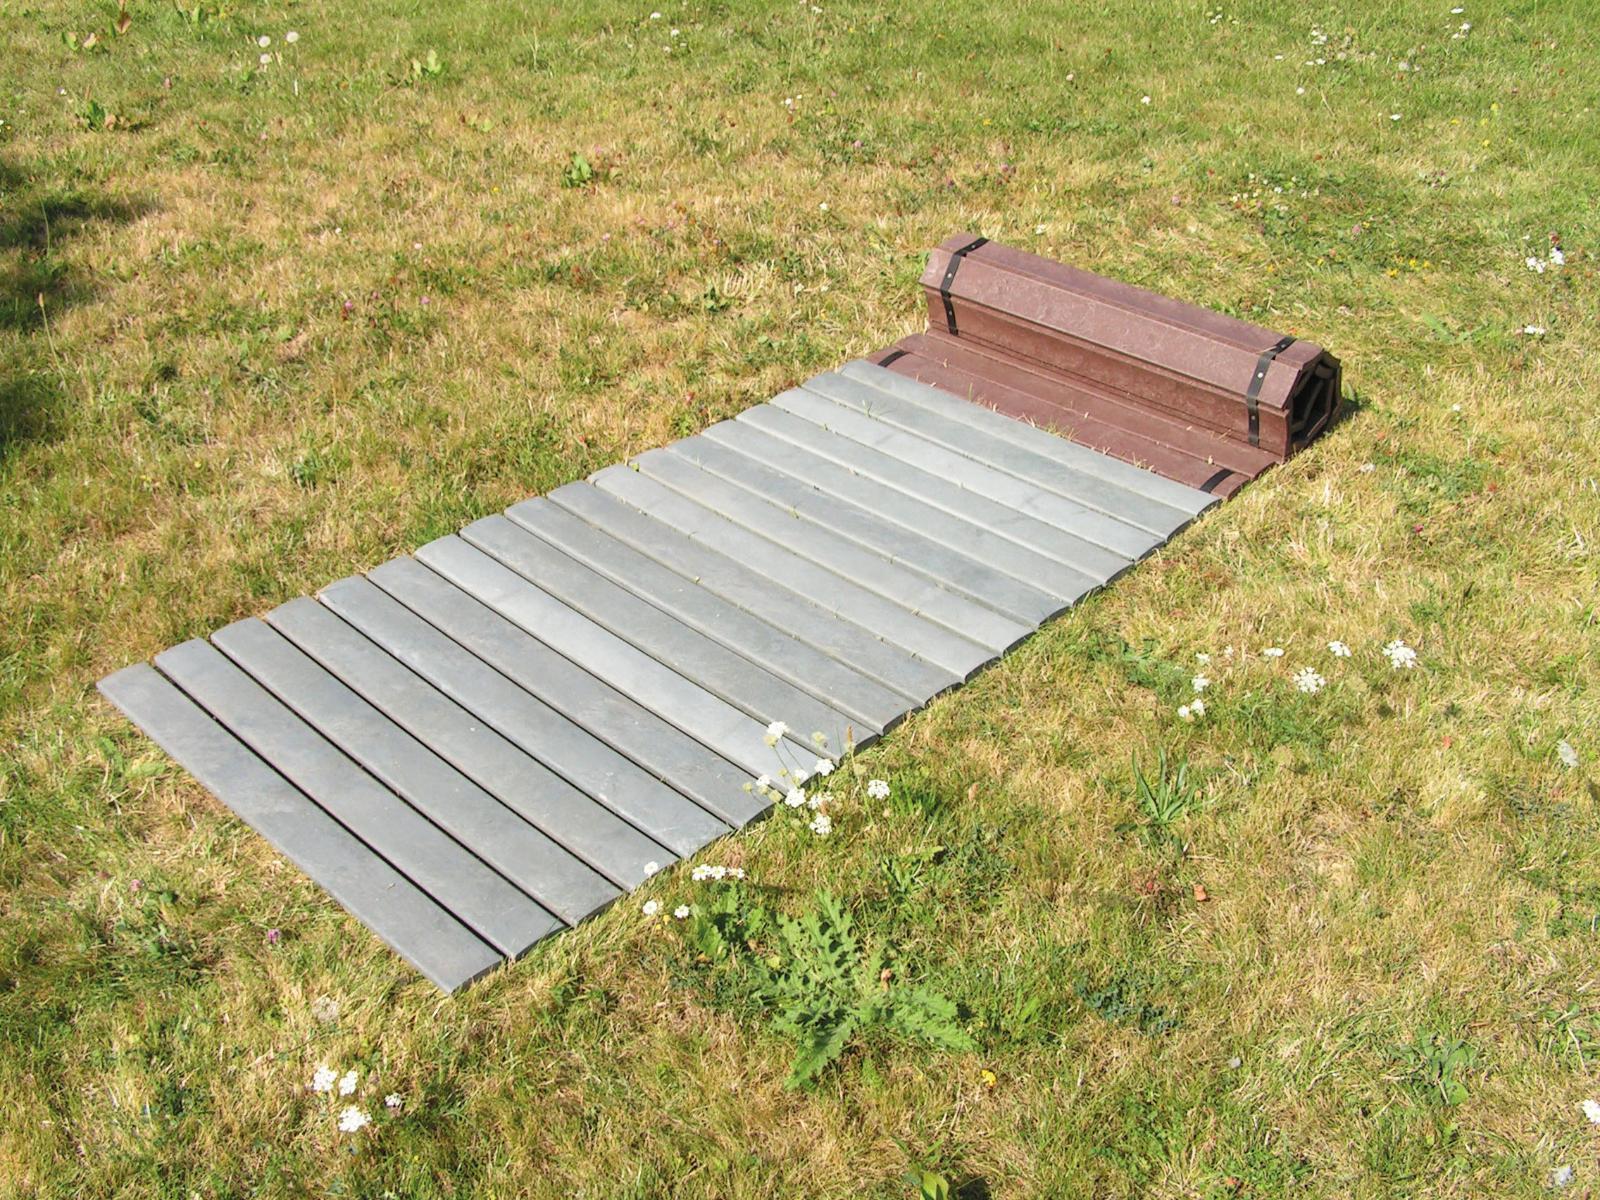 rollelement bretter aus recycling kunststoff f r gehweg amsdirekt. Black Bedroom Furniture Sets. Home Design Ideas